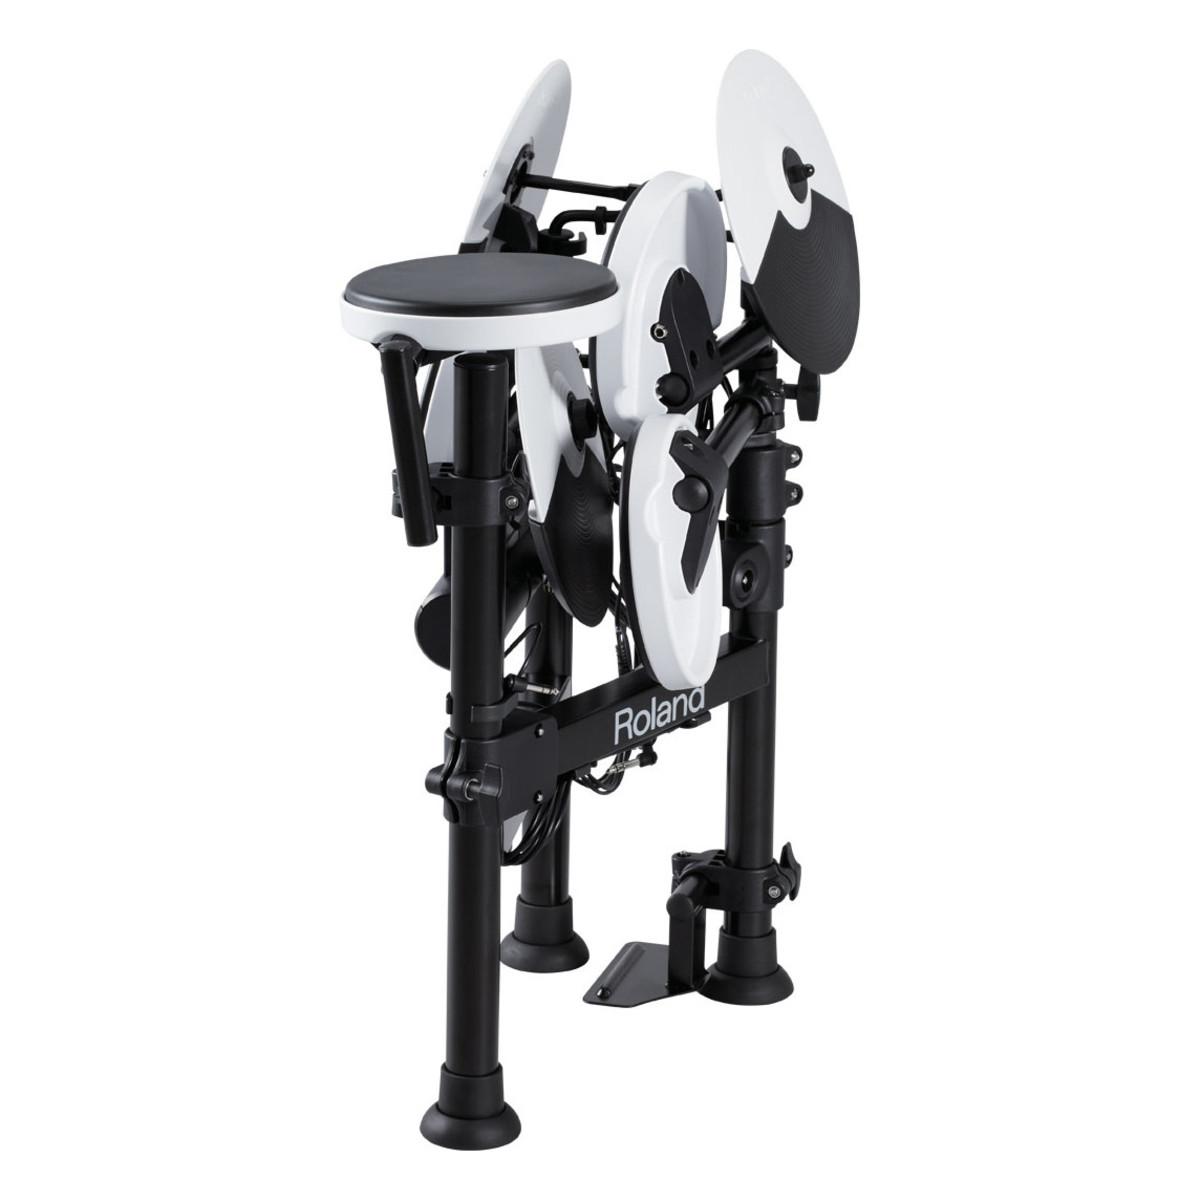 roland td 4kp v drums portable electronic drum kit at. Black Bedroom Furniture Sets. Home Design Ideas